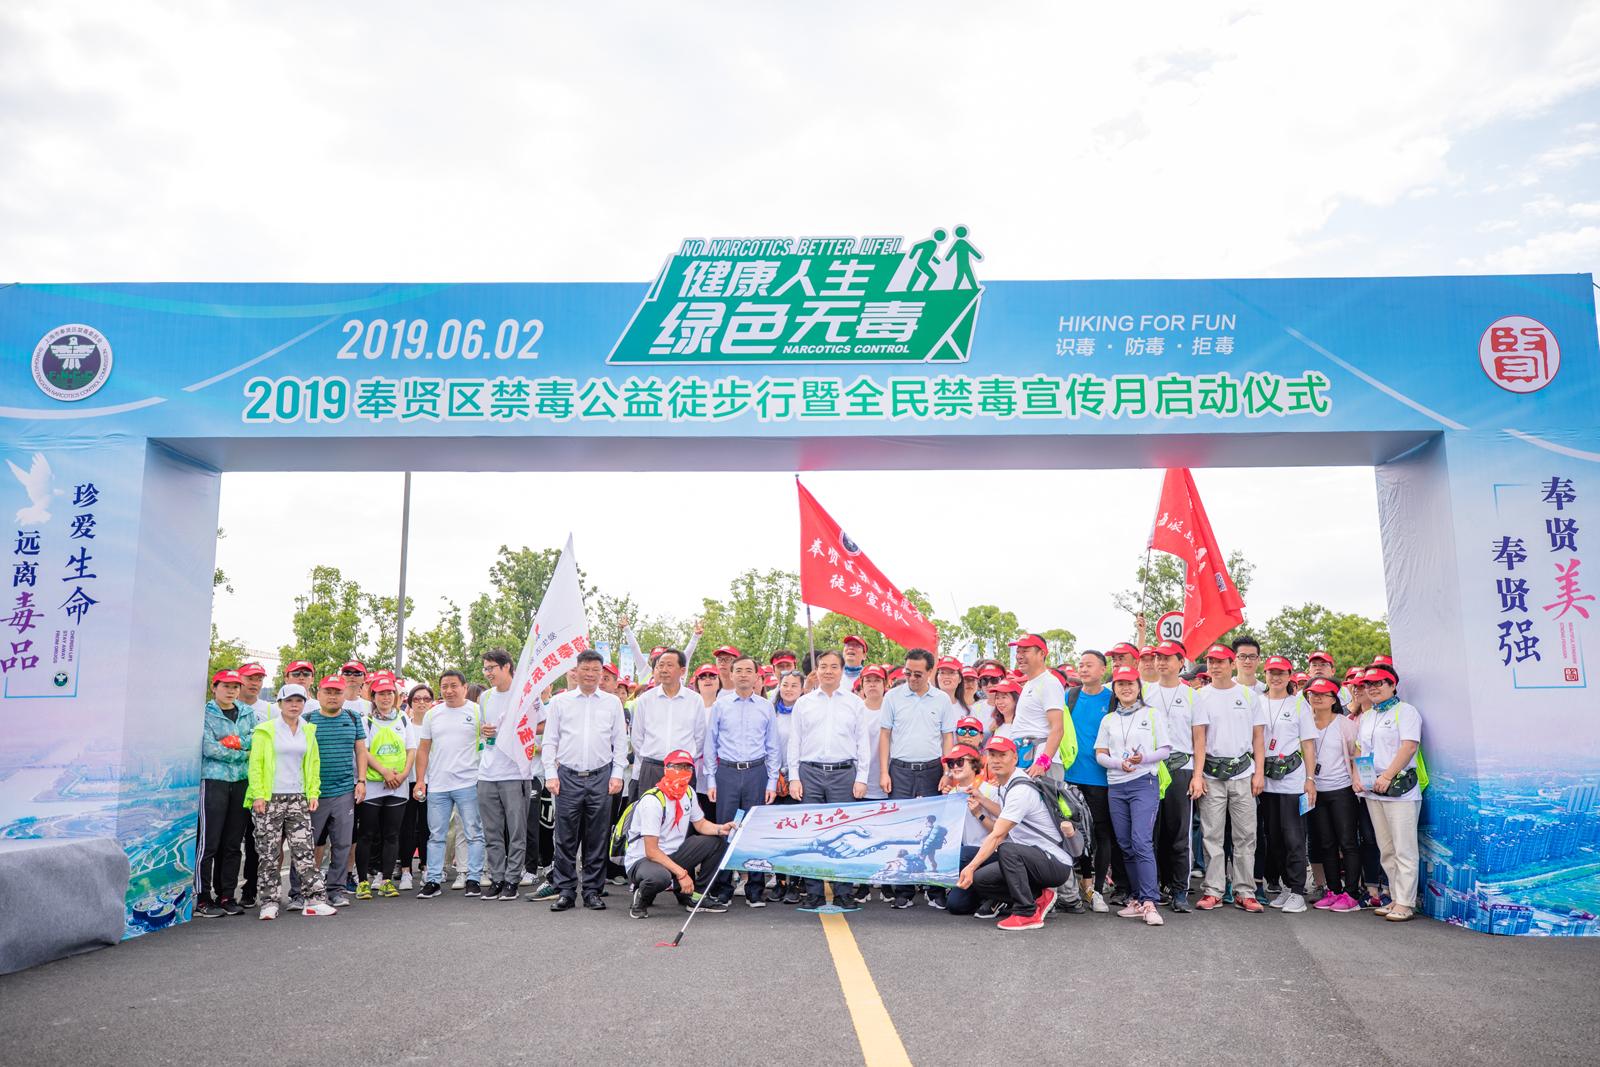 6月2日,2019年奉贤区禁毒公益徒步行暨全民禁毒宣传月启动仪式在金海湖畔上海之鱼年丰公园举行,拉响